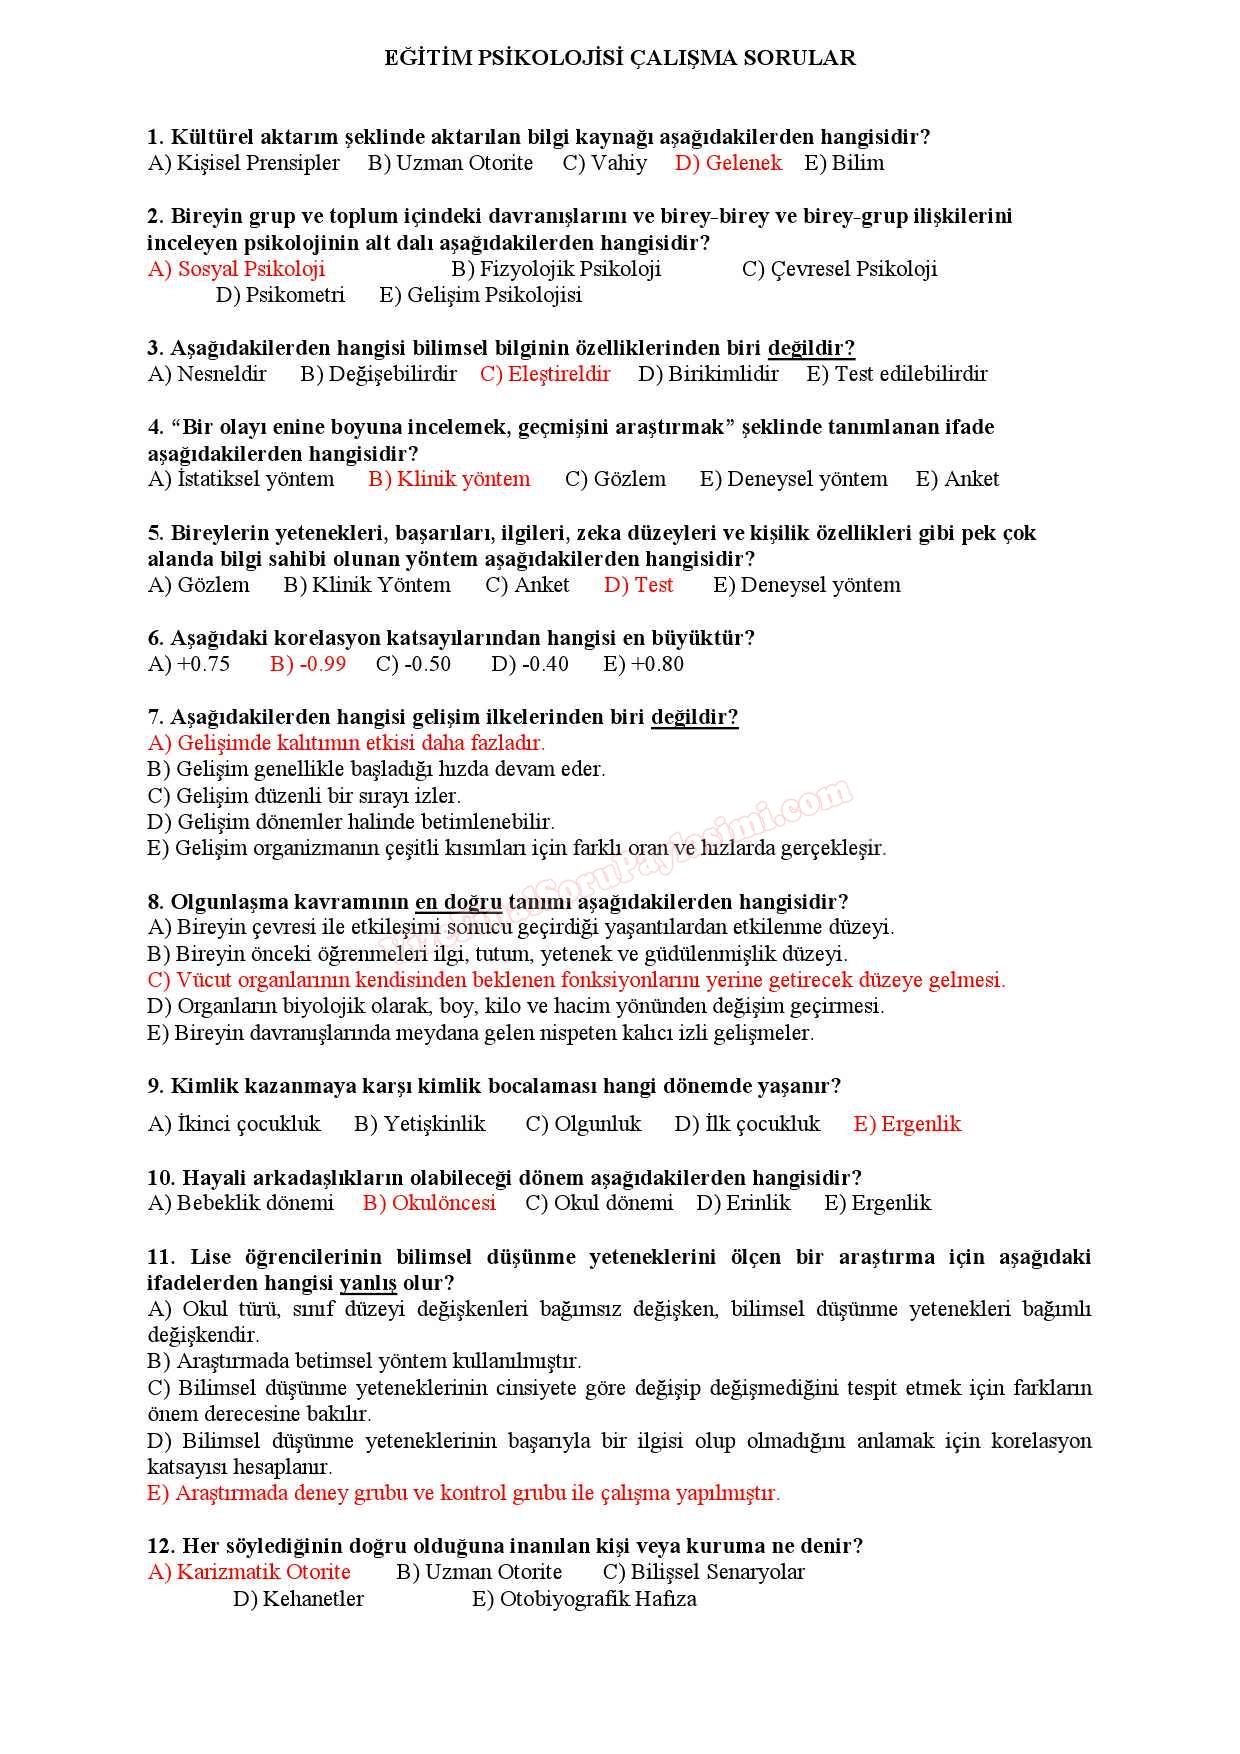 Okul öncesi döneminin psikolojik ve pedagojik özellikleri: içerik ve örnek